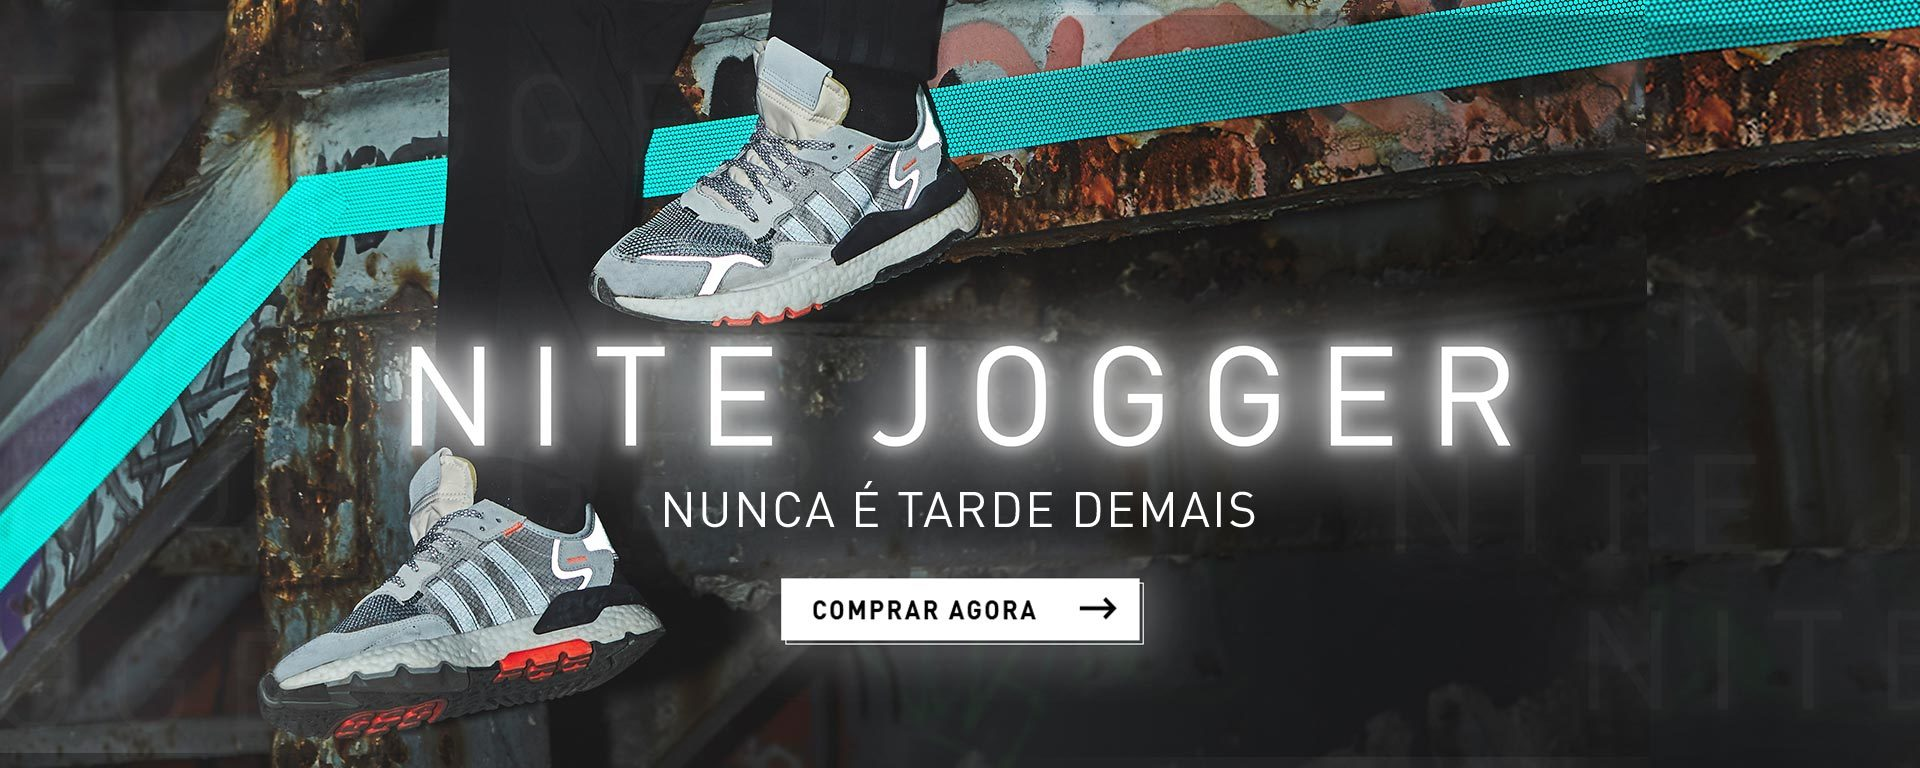 a4896a1c9 adidas: Tênis, Meias, Bermuda e mais | Authentic Feet